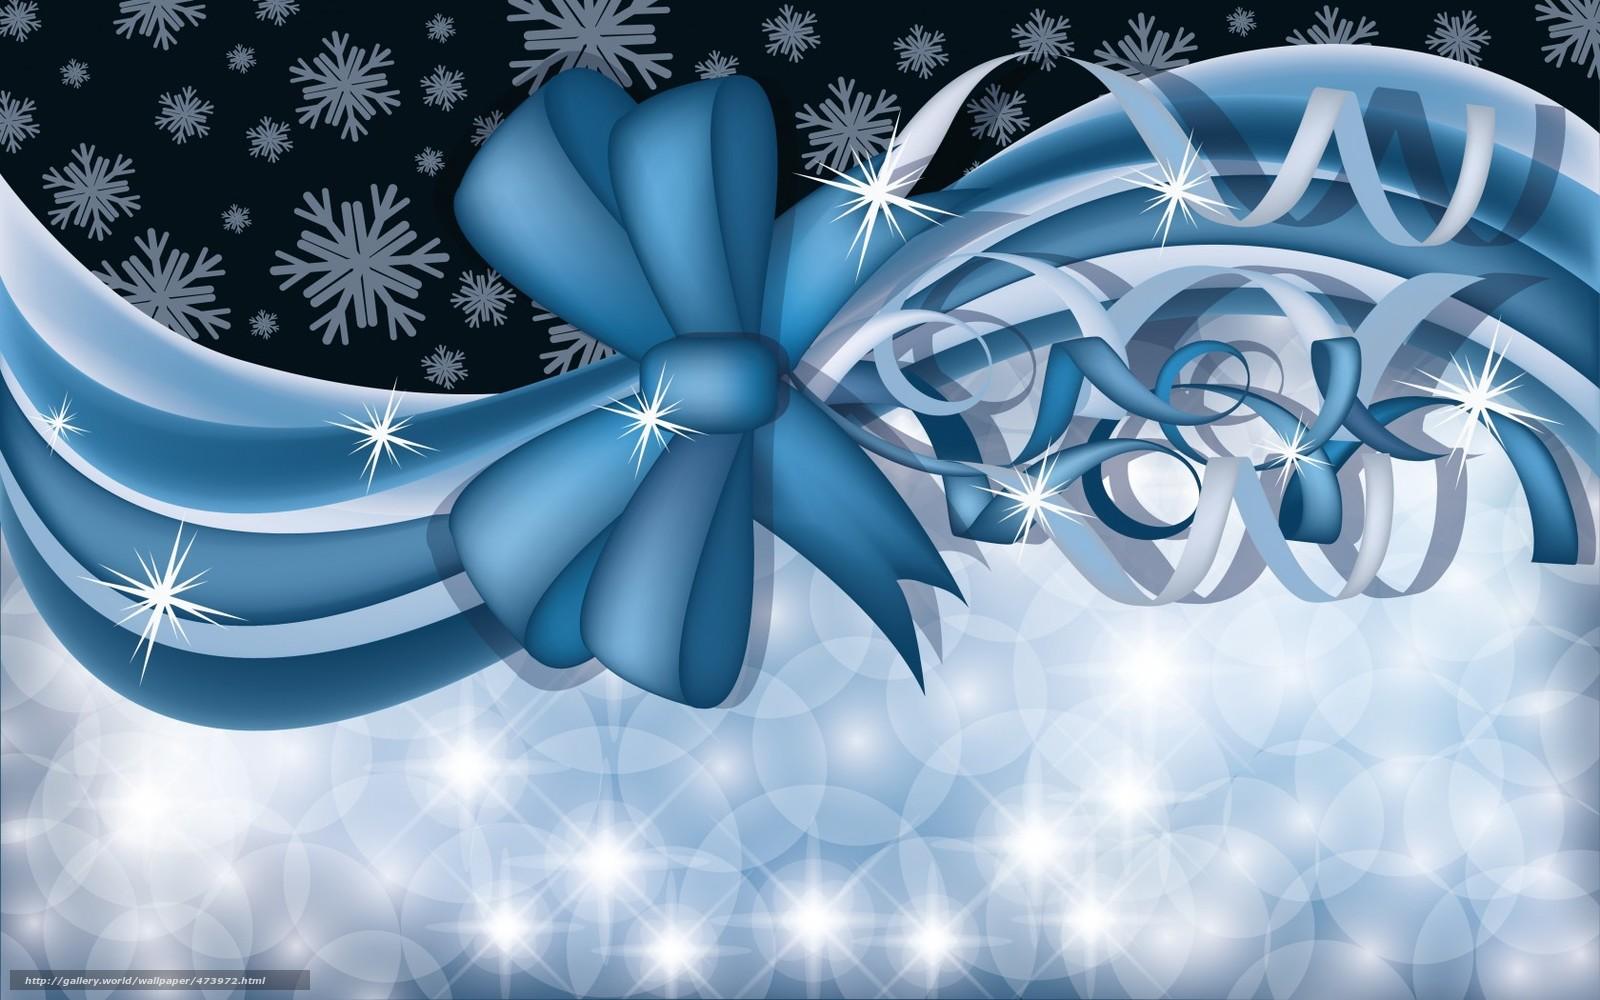 Tlcharger fond d 39 ecran arc ruban flocons de neige fonds for Fond d ecran gratuit joyeuses fetes